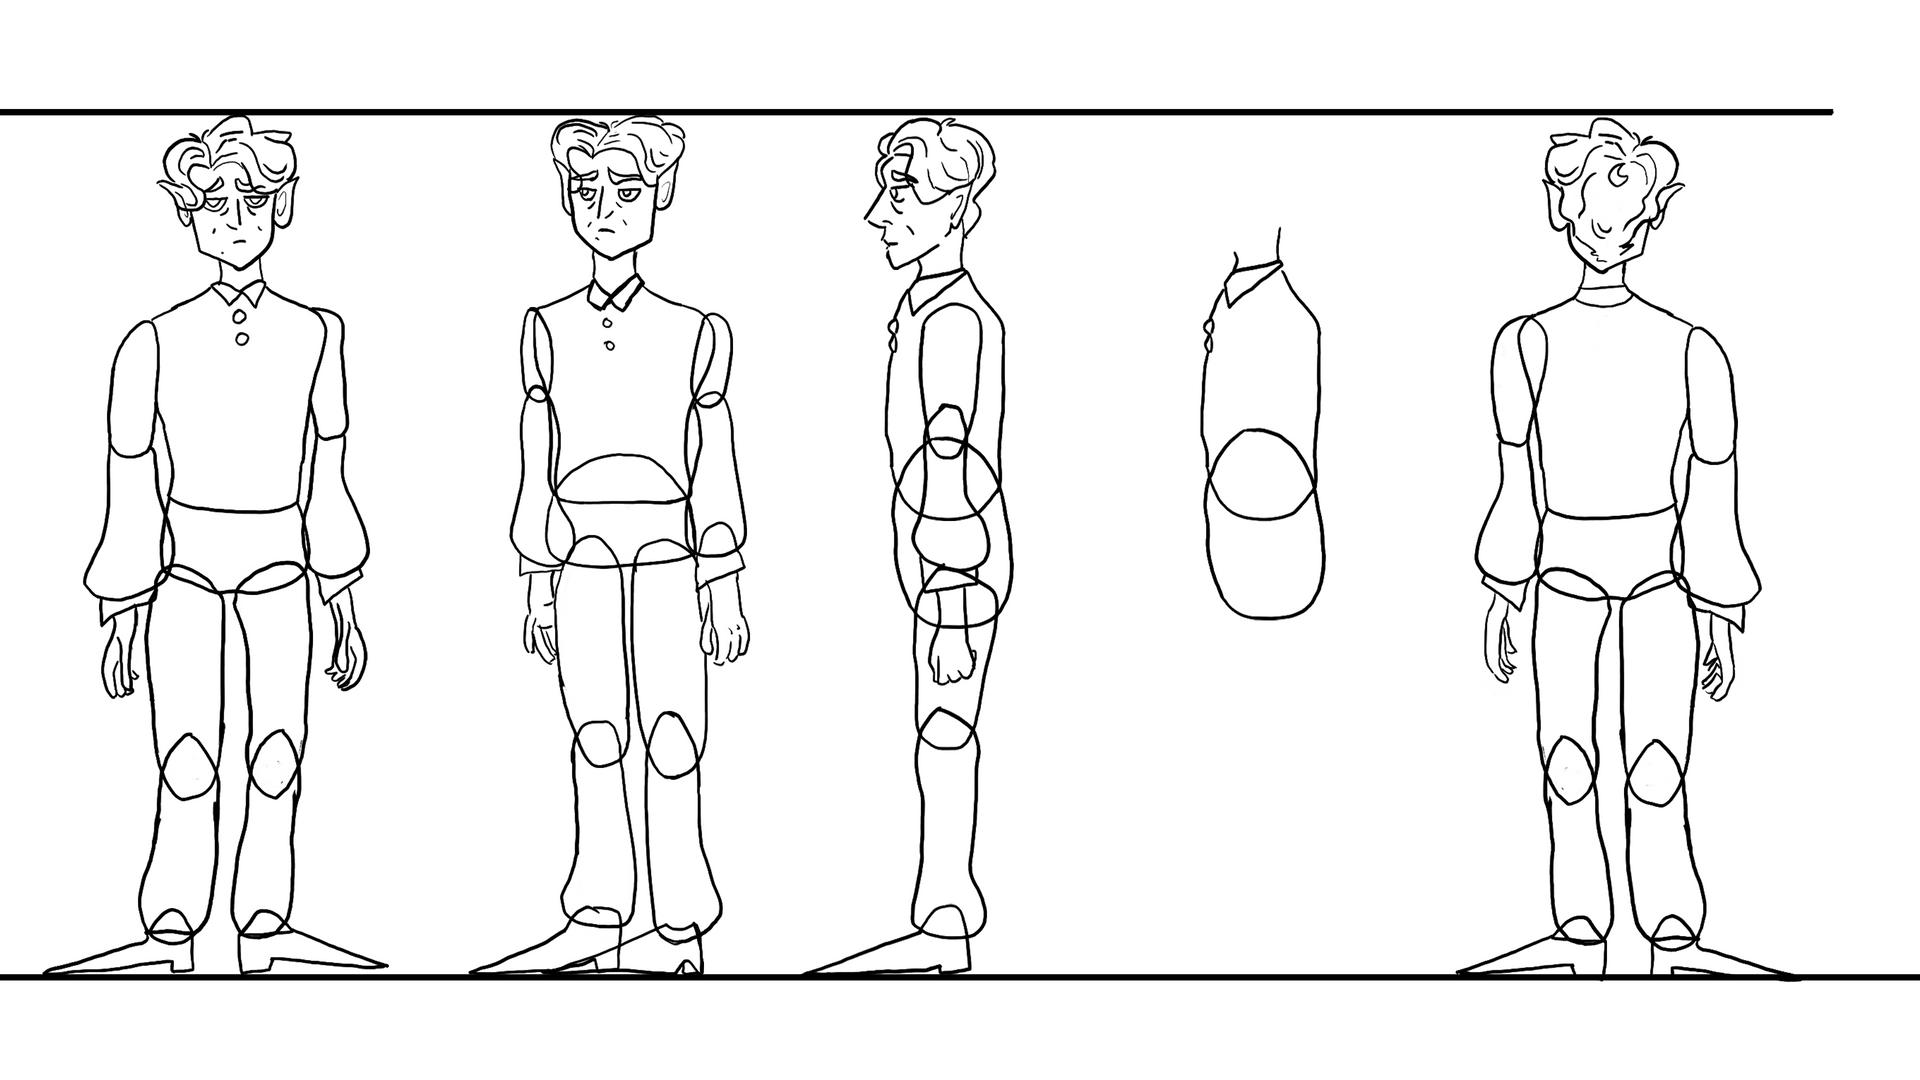 Batthew - Character turnaround (line art)